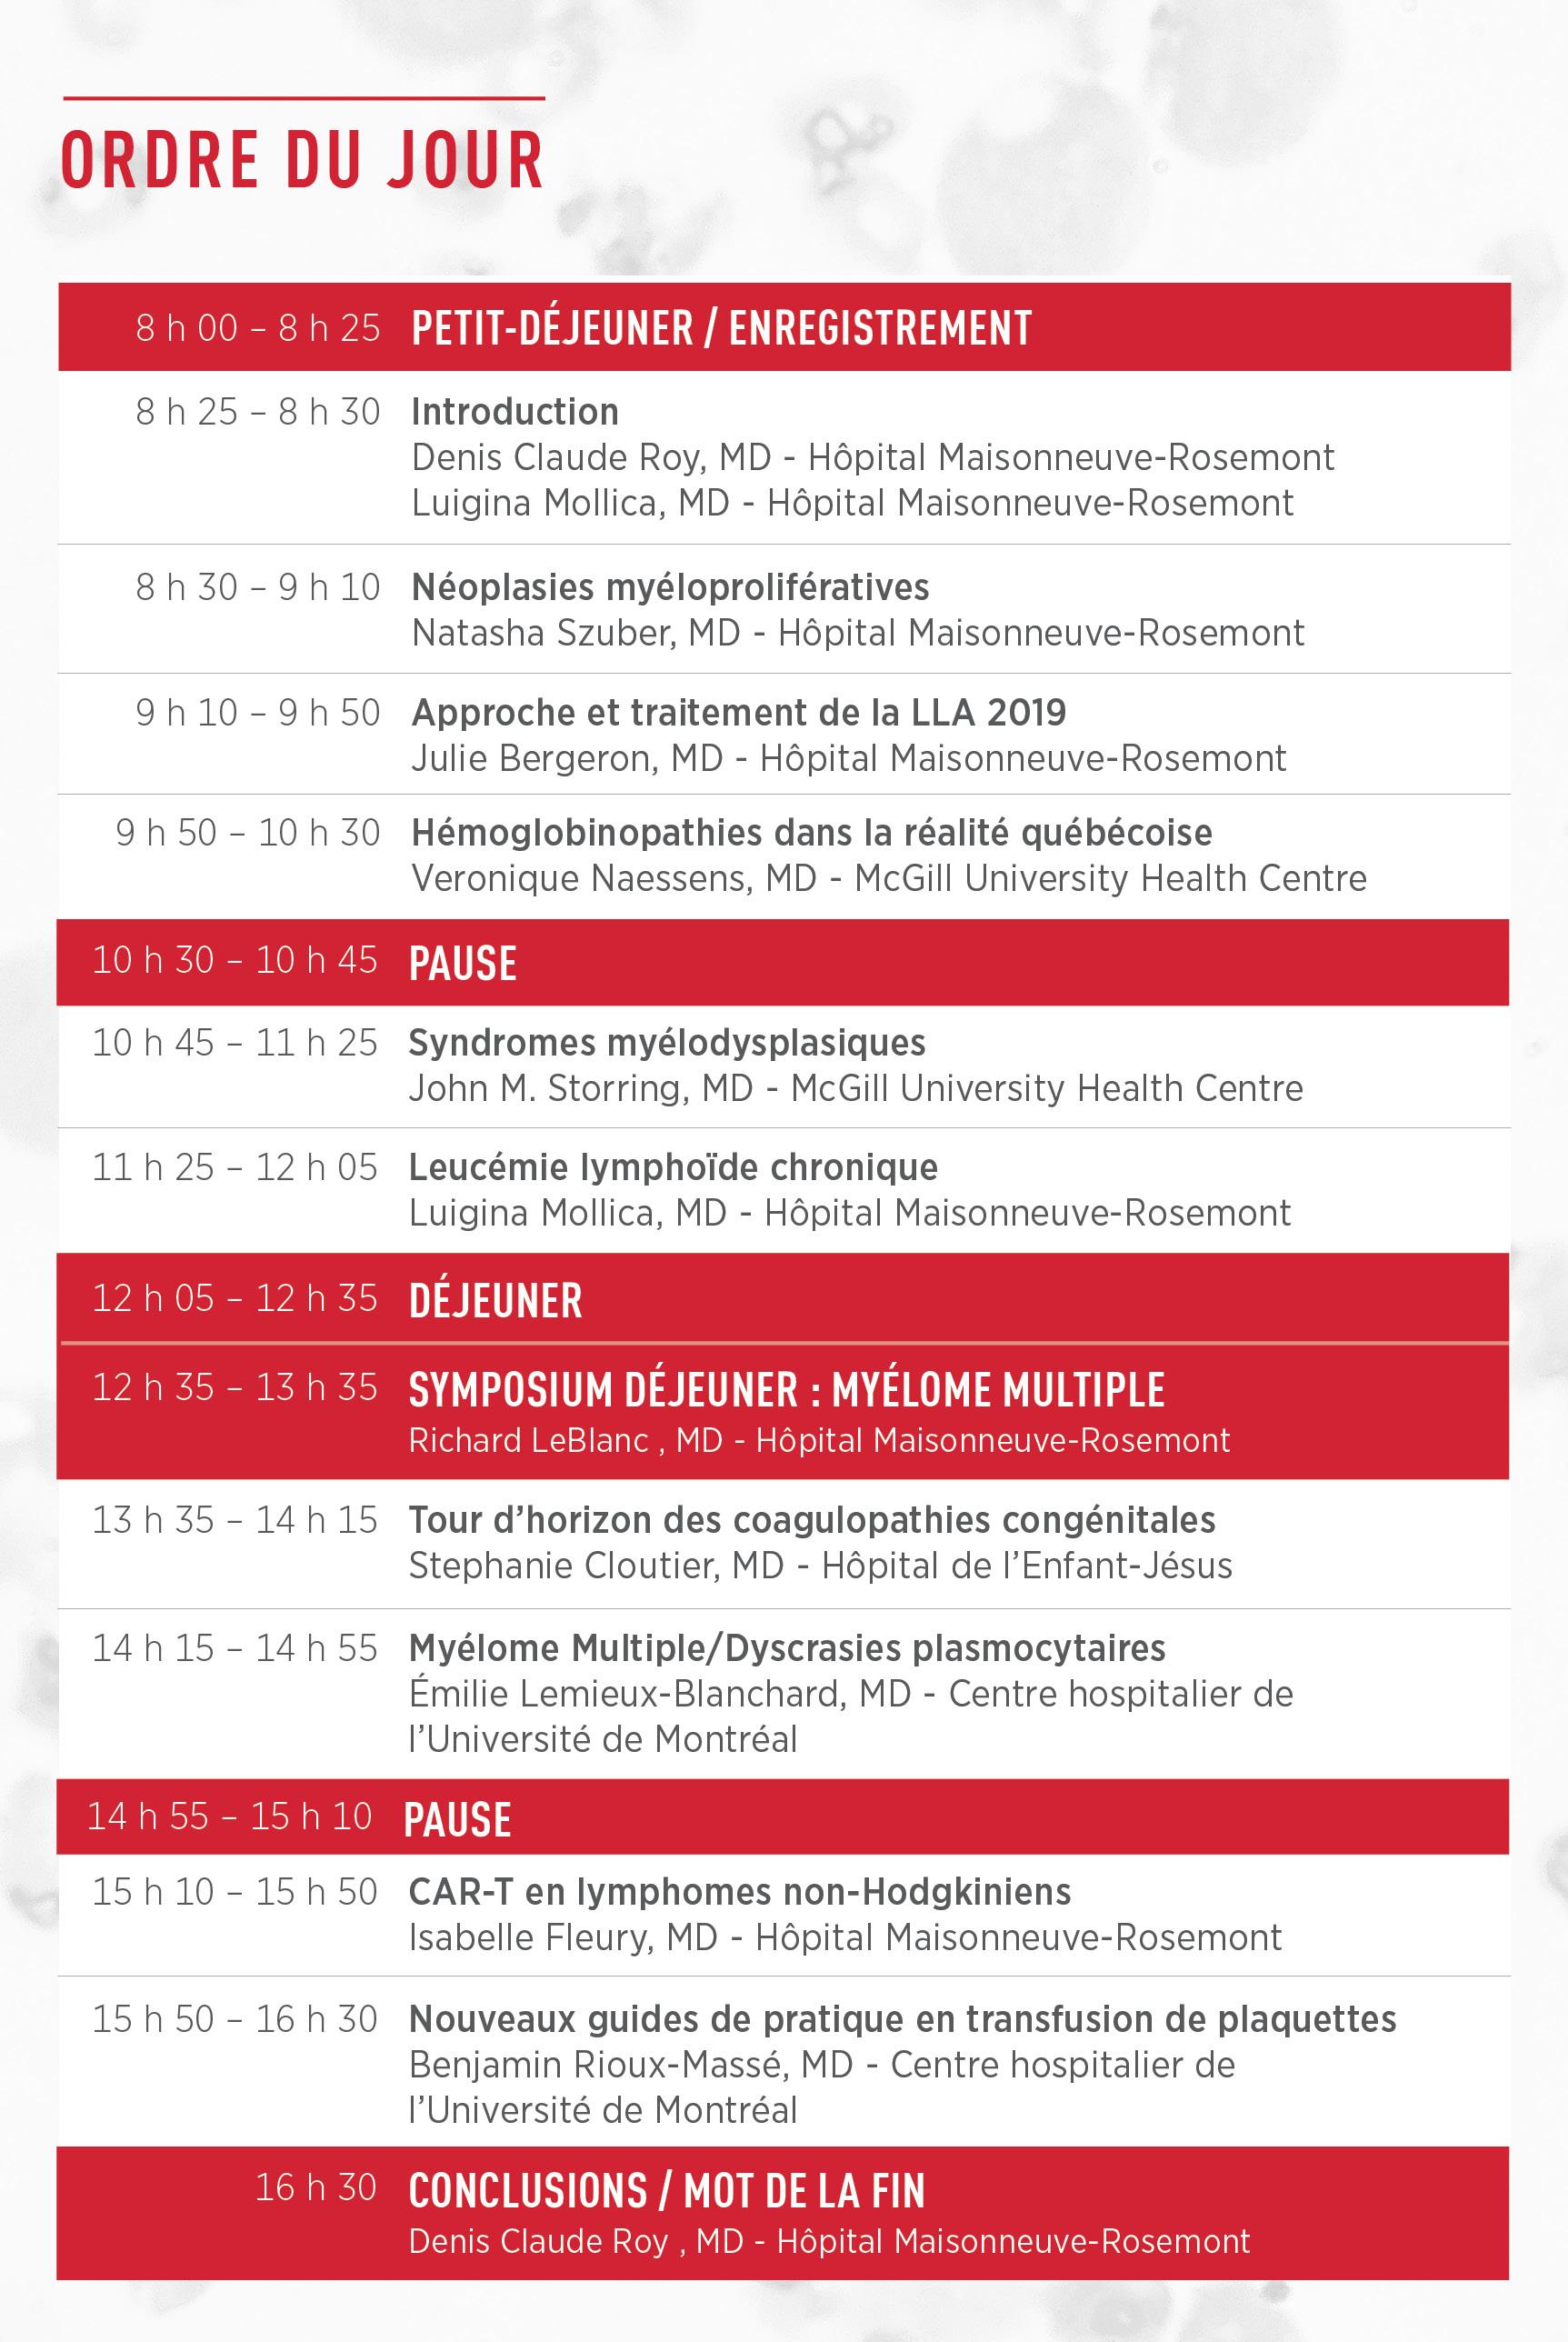 Agenda Schedule Page CCH-QC.jpg